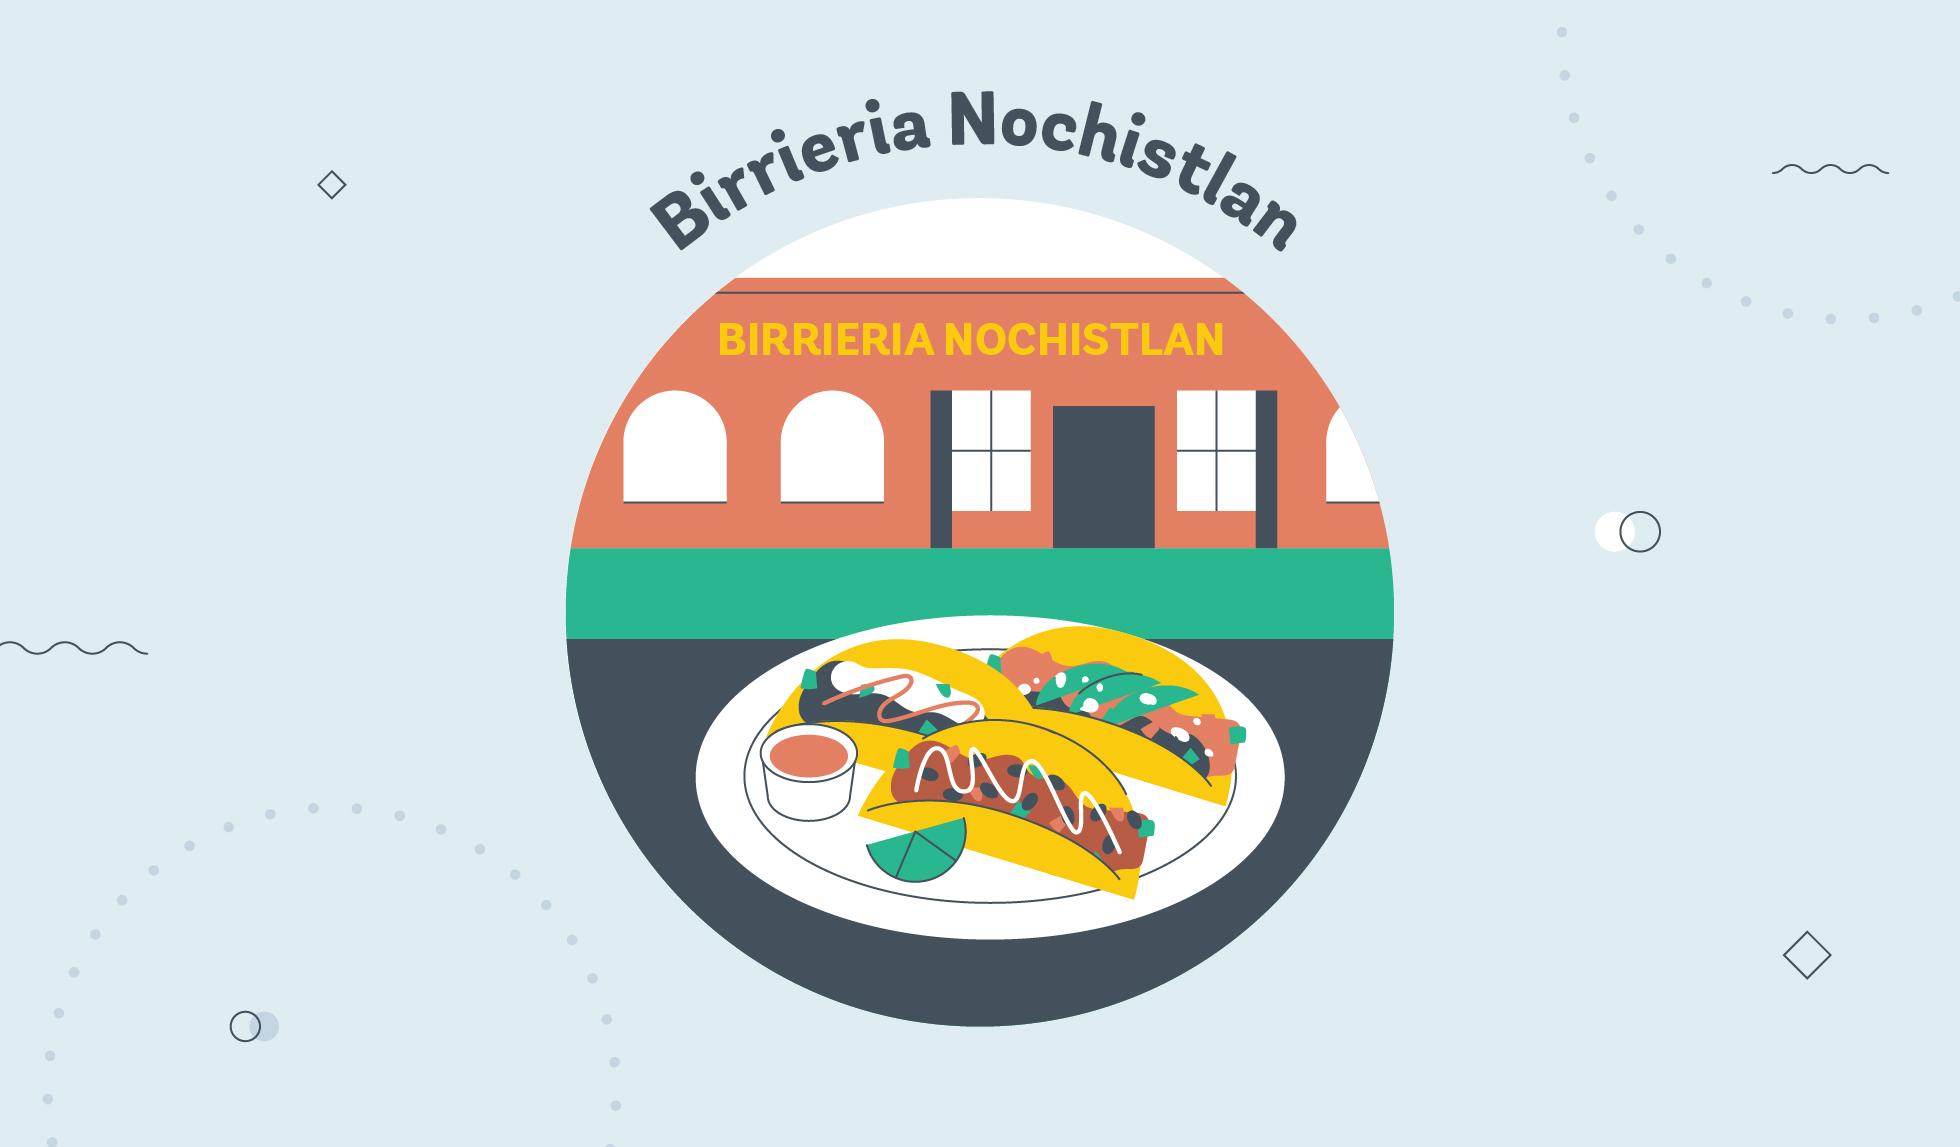 Birrieria Nochistlan taco graphic